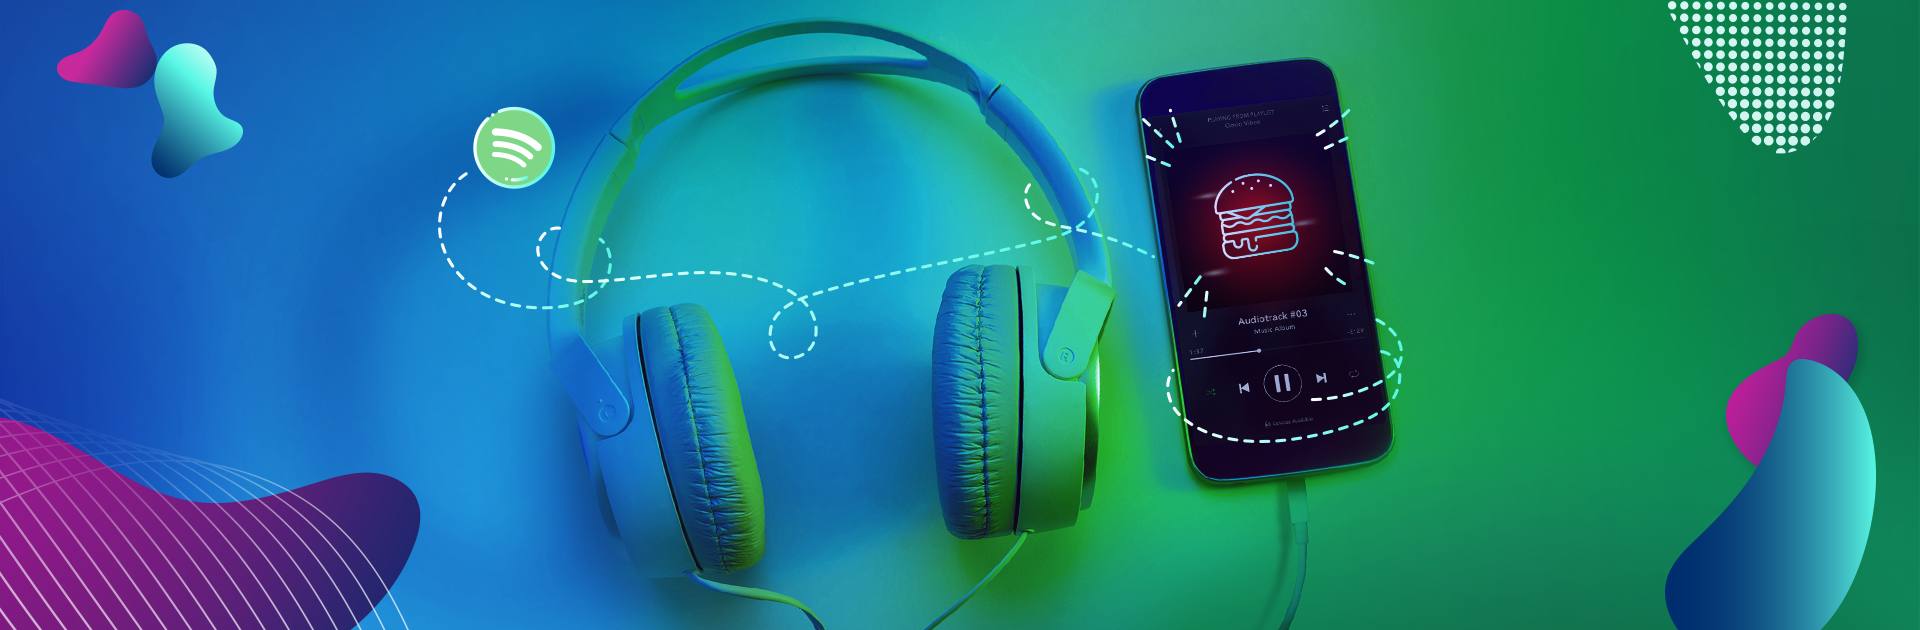 KFC incontra le nuove generazioni su Spotify Premium